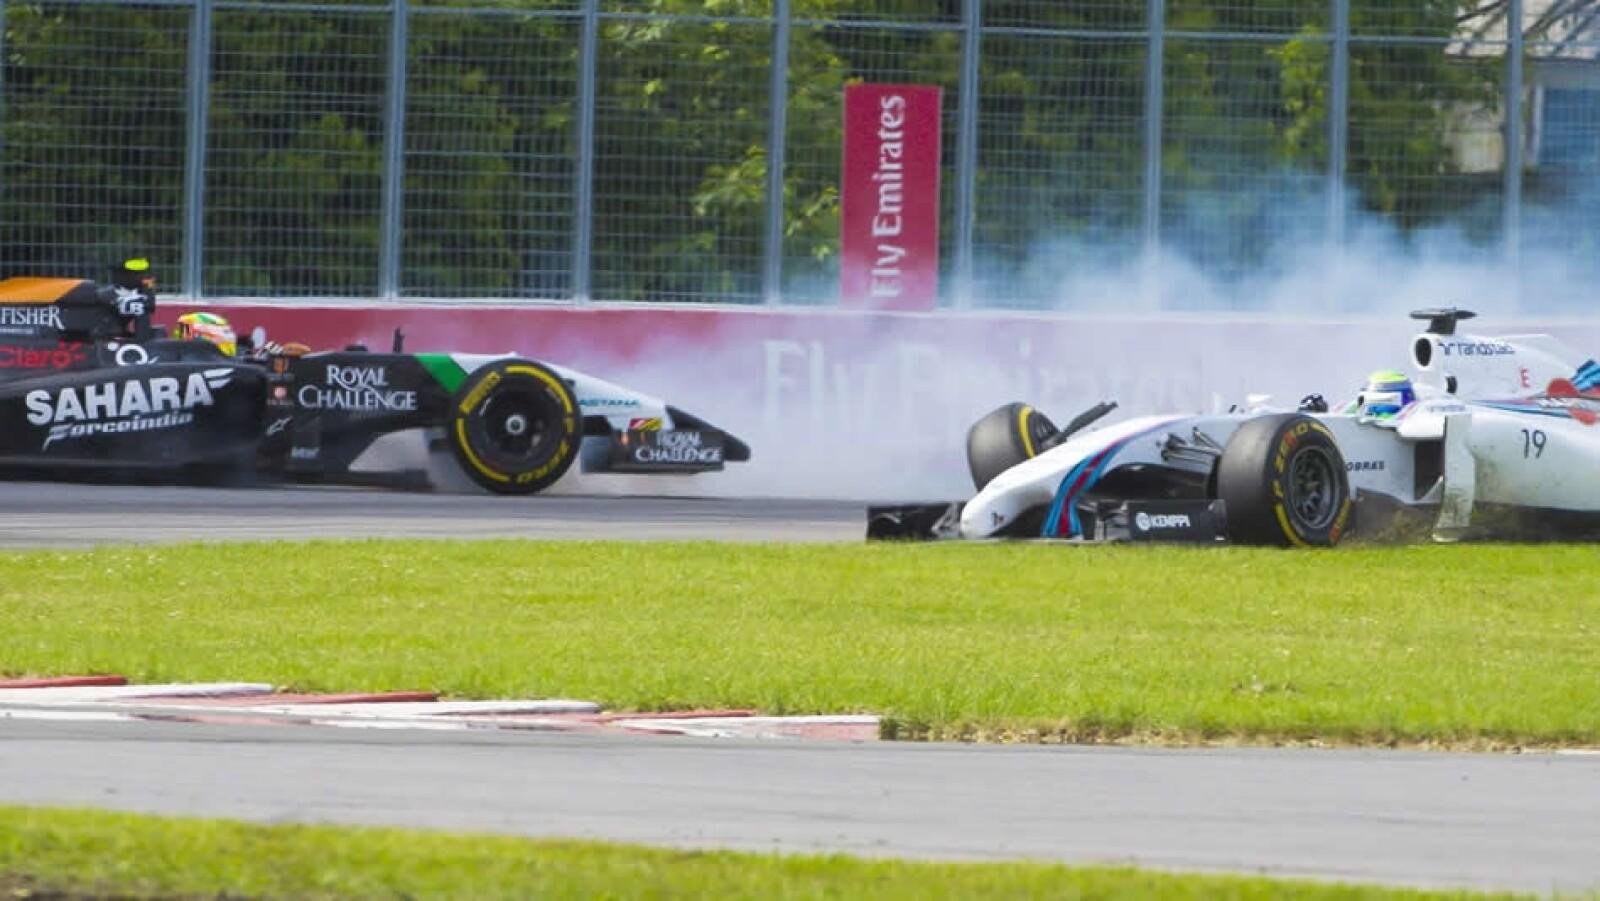 Felipe Massa le dio un golpe por detrás a Pérez, lo que provocó que el mexicano perdiera el control y se estrellara